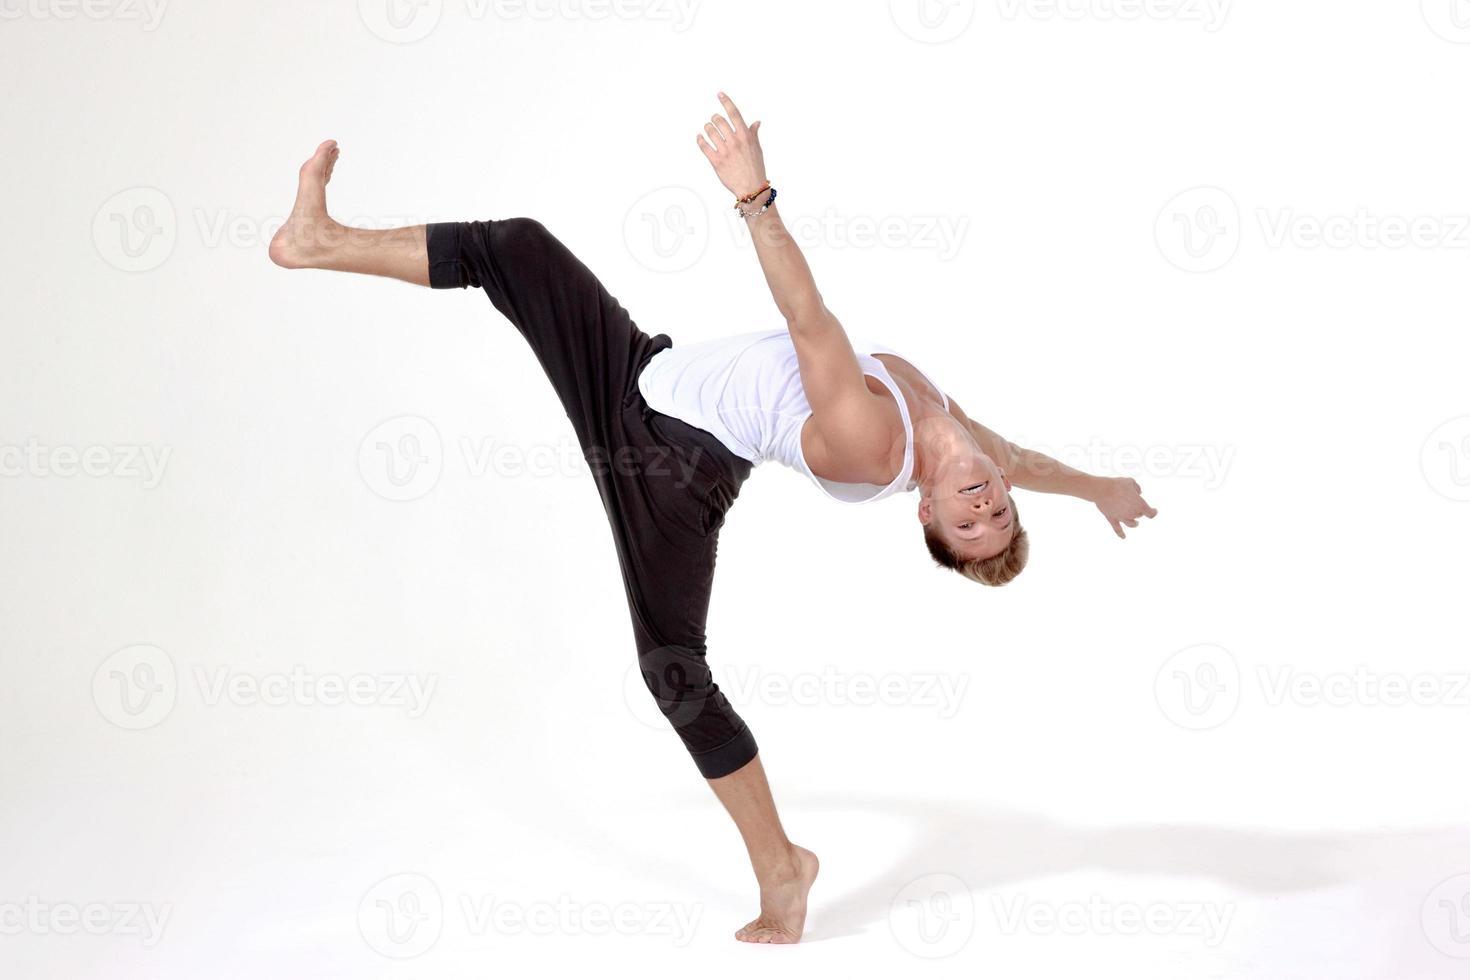 dansare balanserad med ett ben höjt i luften foto